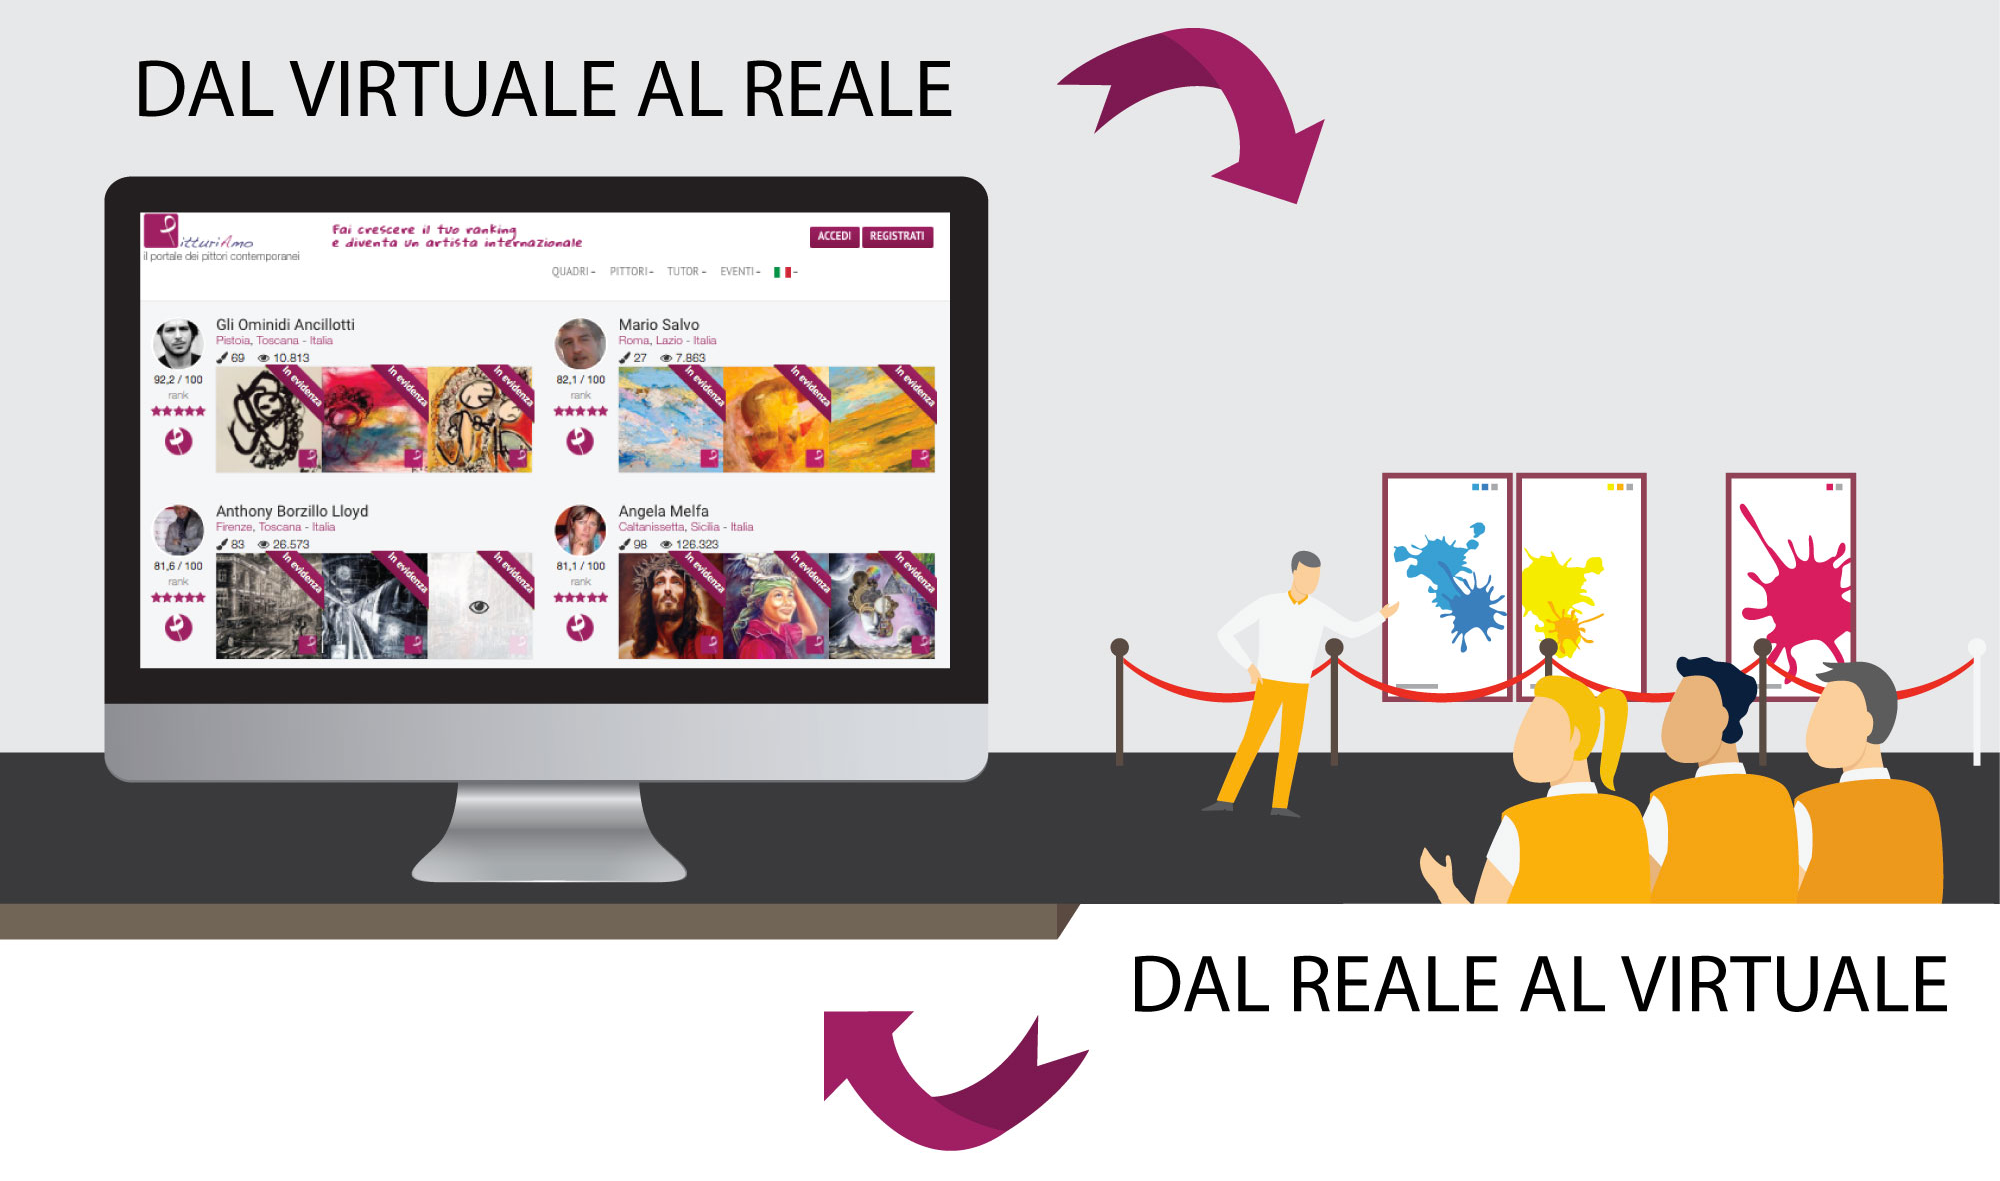 """PitturiAmo ti propone un servizio a 360° e promuove la tua arte sul web, attraverso tutti i canali virtuali e social, tramite pubblicazioni cartacee come la rivista ExpoArt ed il catalogo d'arte """"120 quadri e qualcuno in più"""" e ti permetterà di esporre i tuoi quadri dal vivo nella galleria d'arte di Roma """"Area CONTESA Arte""""."""